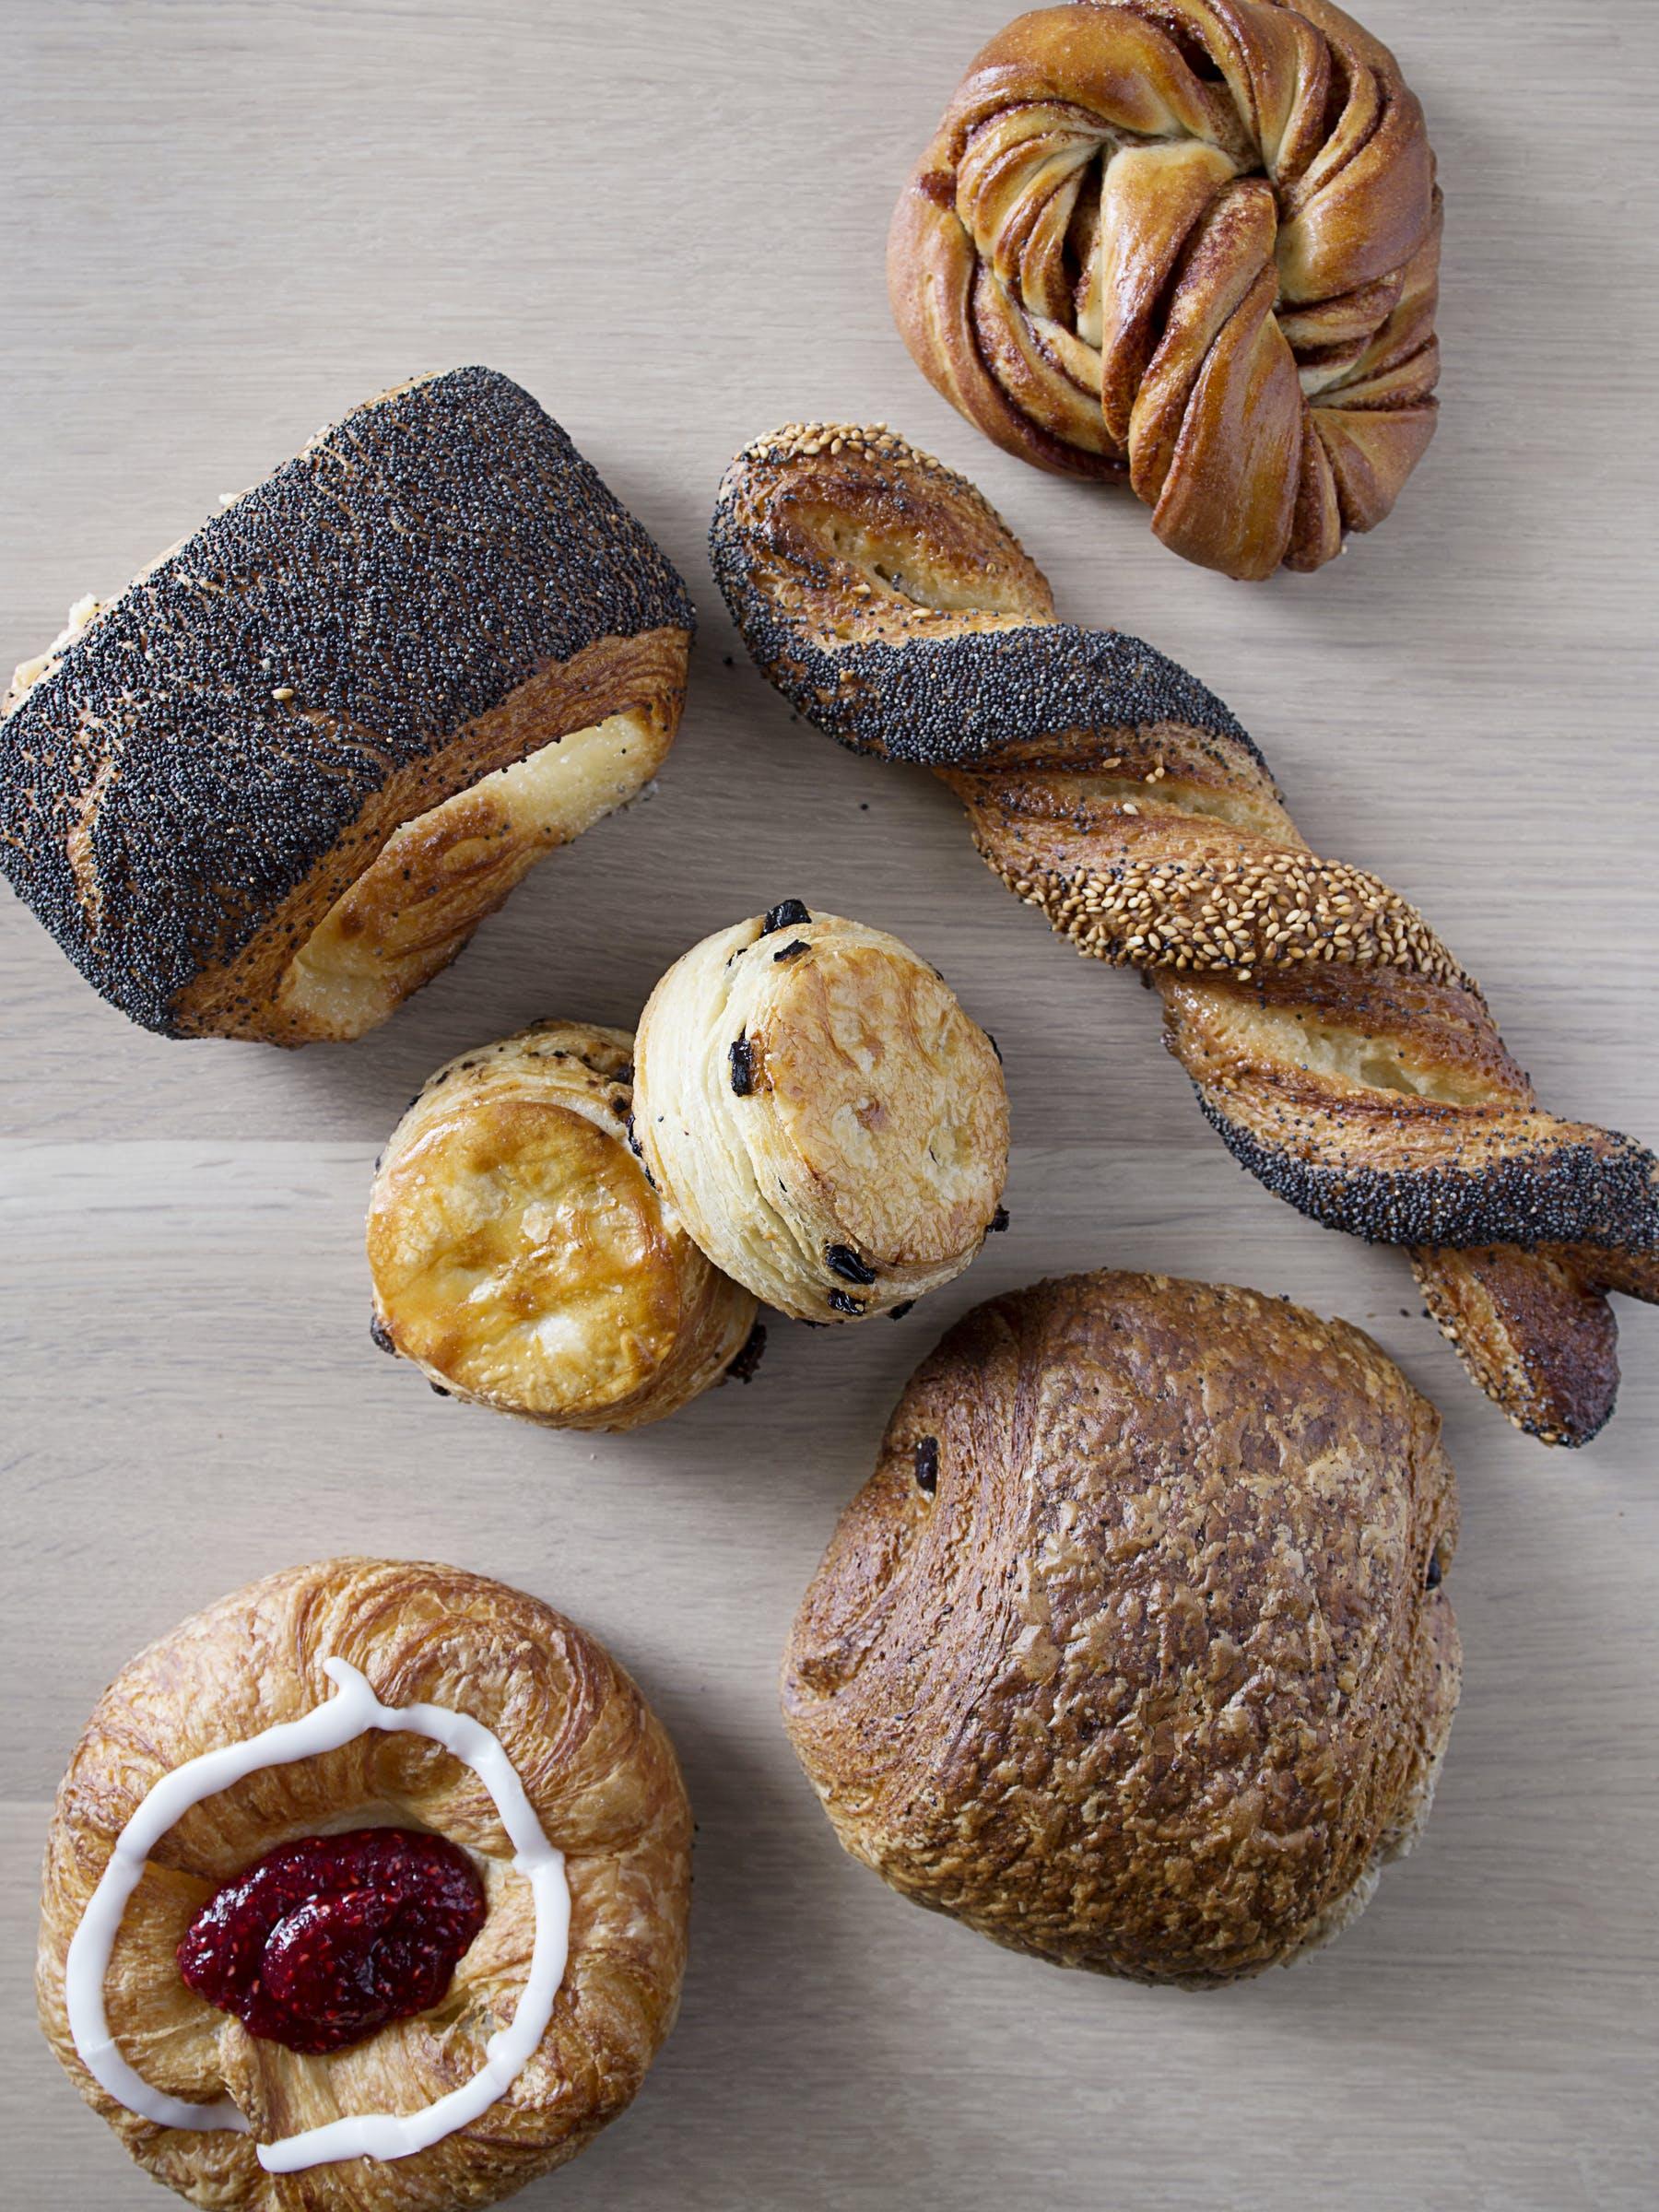 several pieces of bread